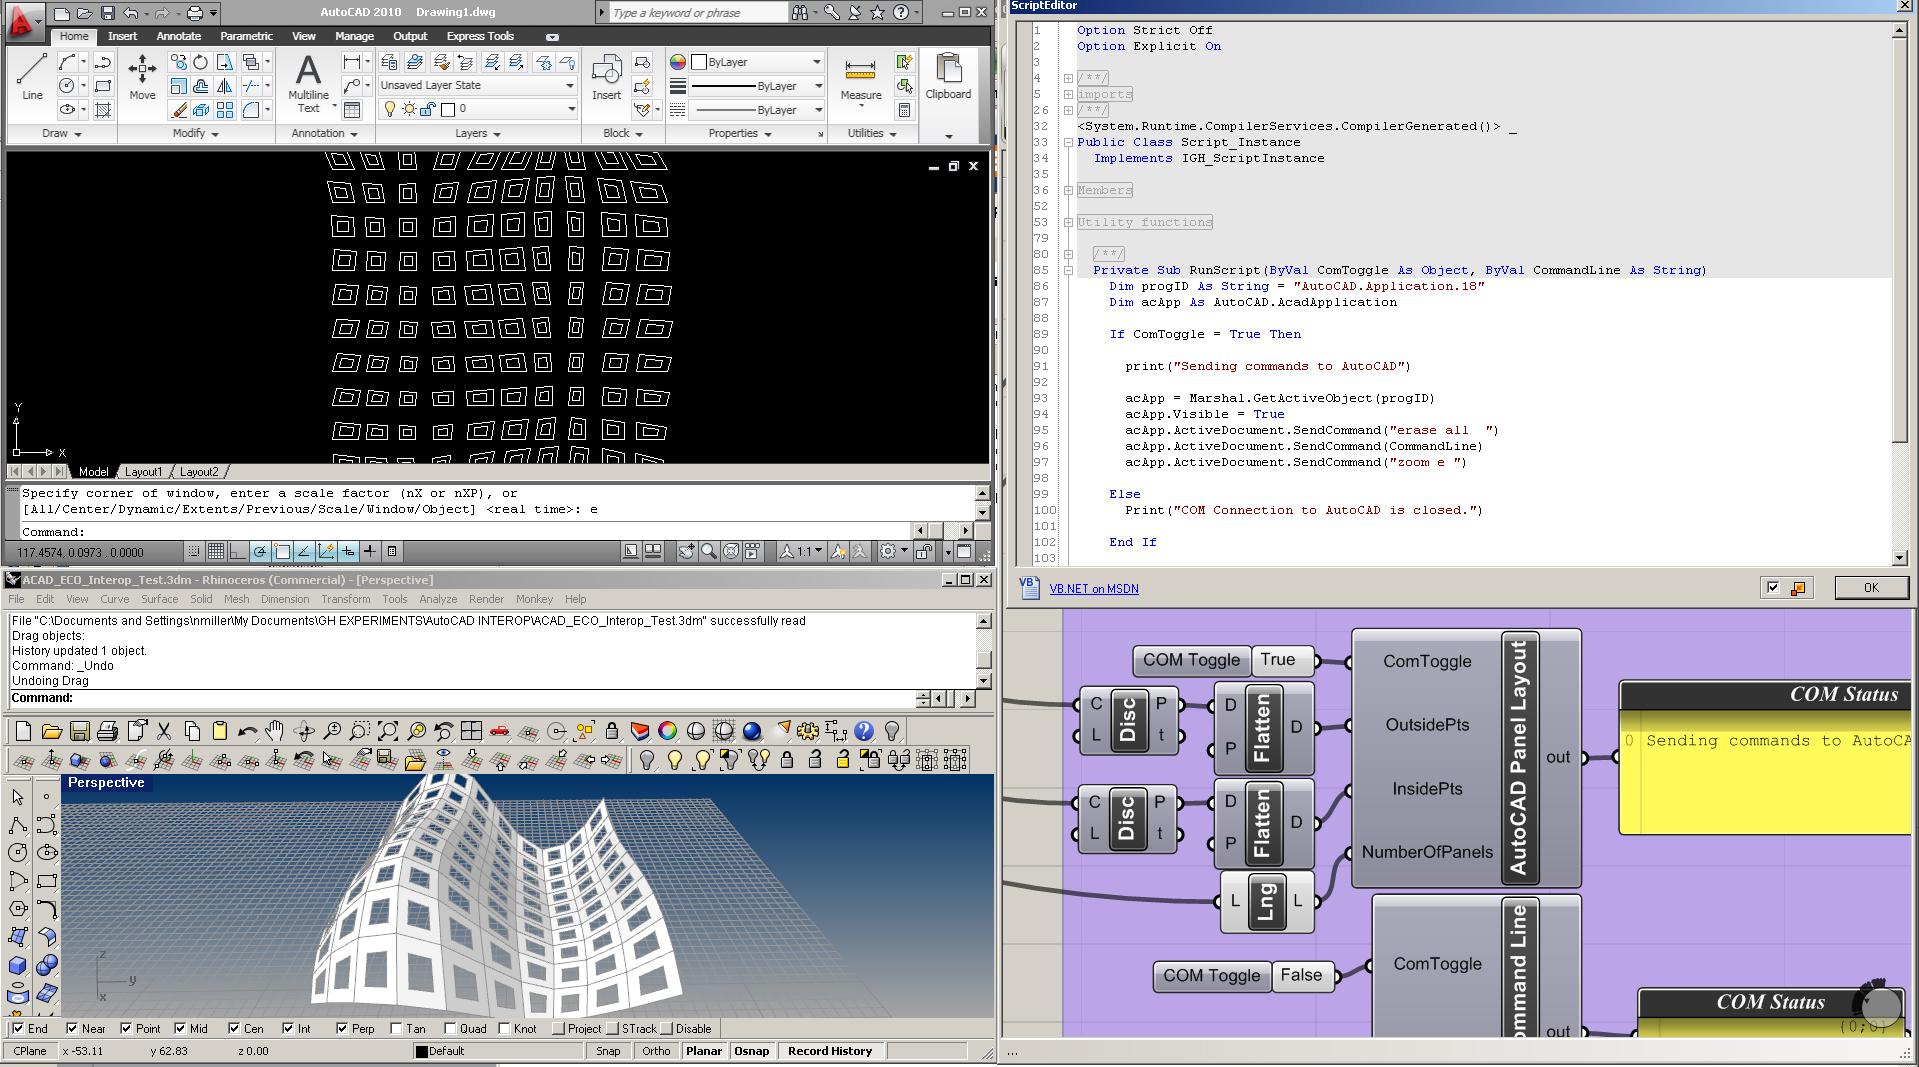 TPG_AutoCAD_COM.jpg